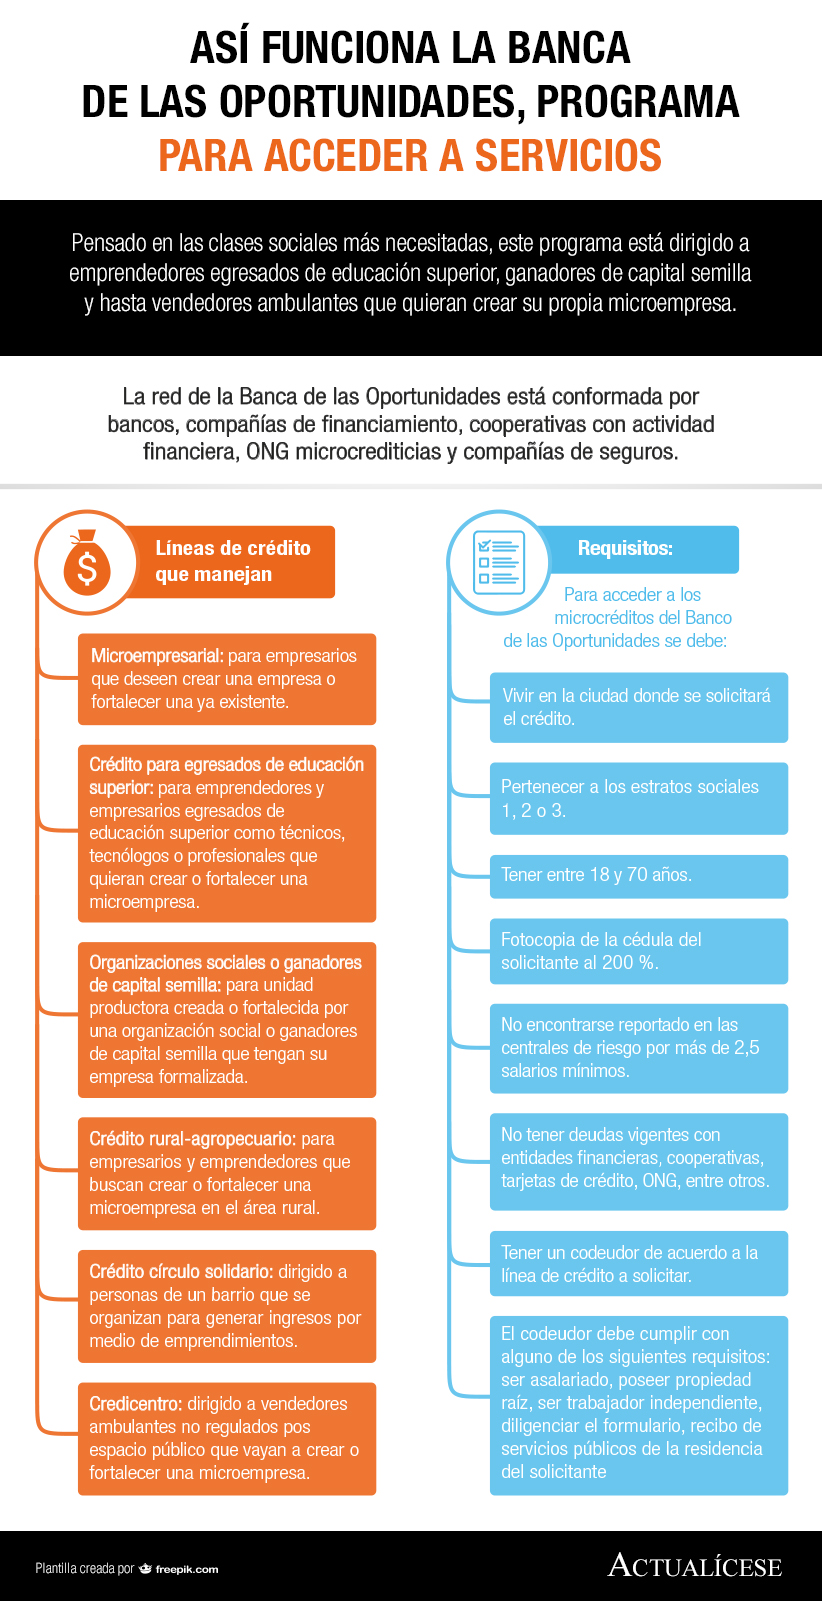 [Infografía] Así funciona la Banca de las Oportunidades, programa para acceder a servicios financieros